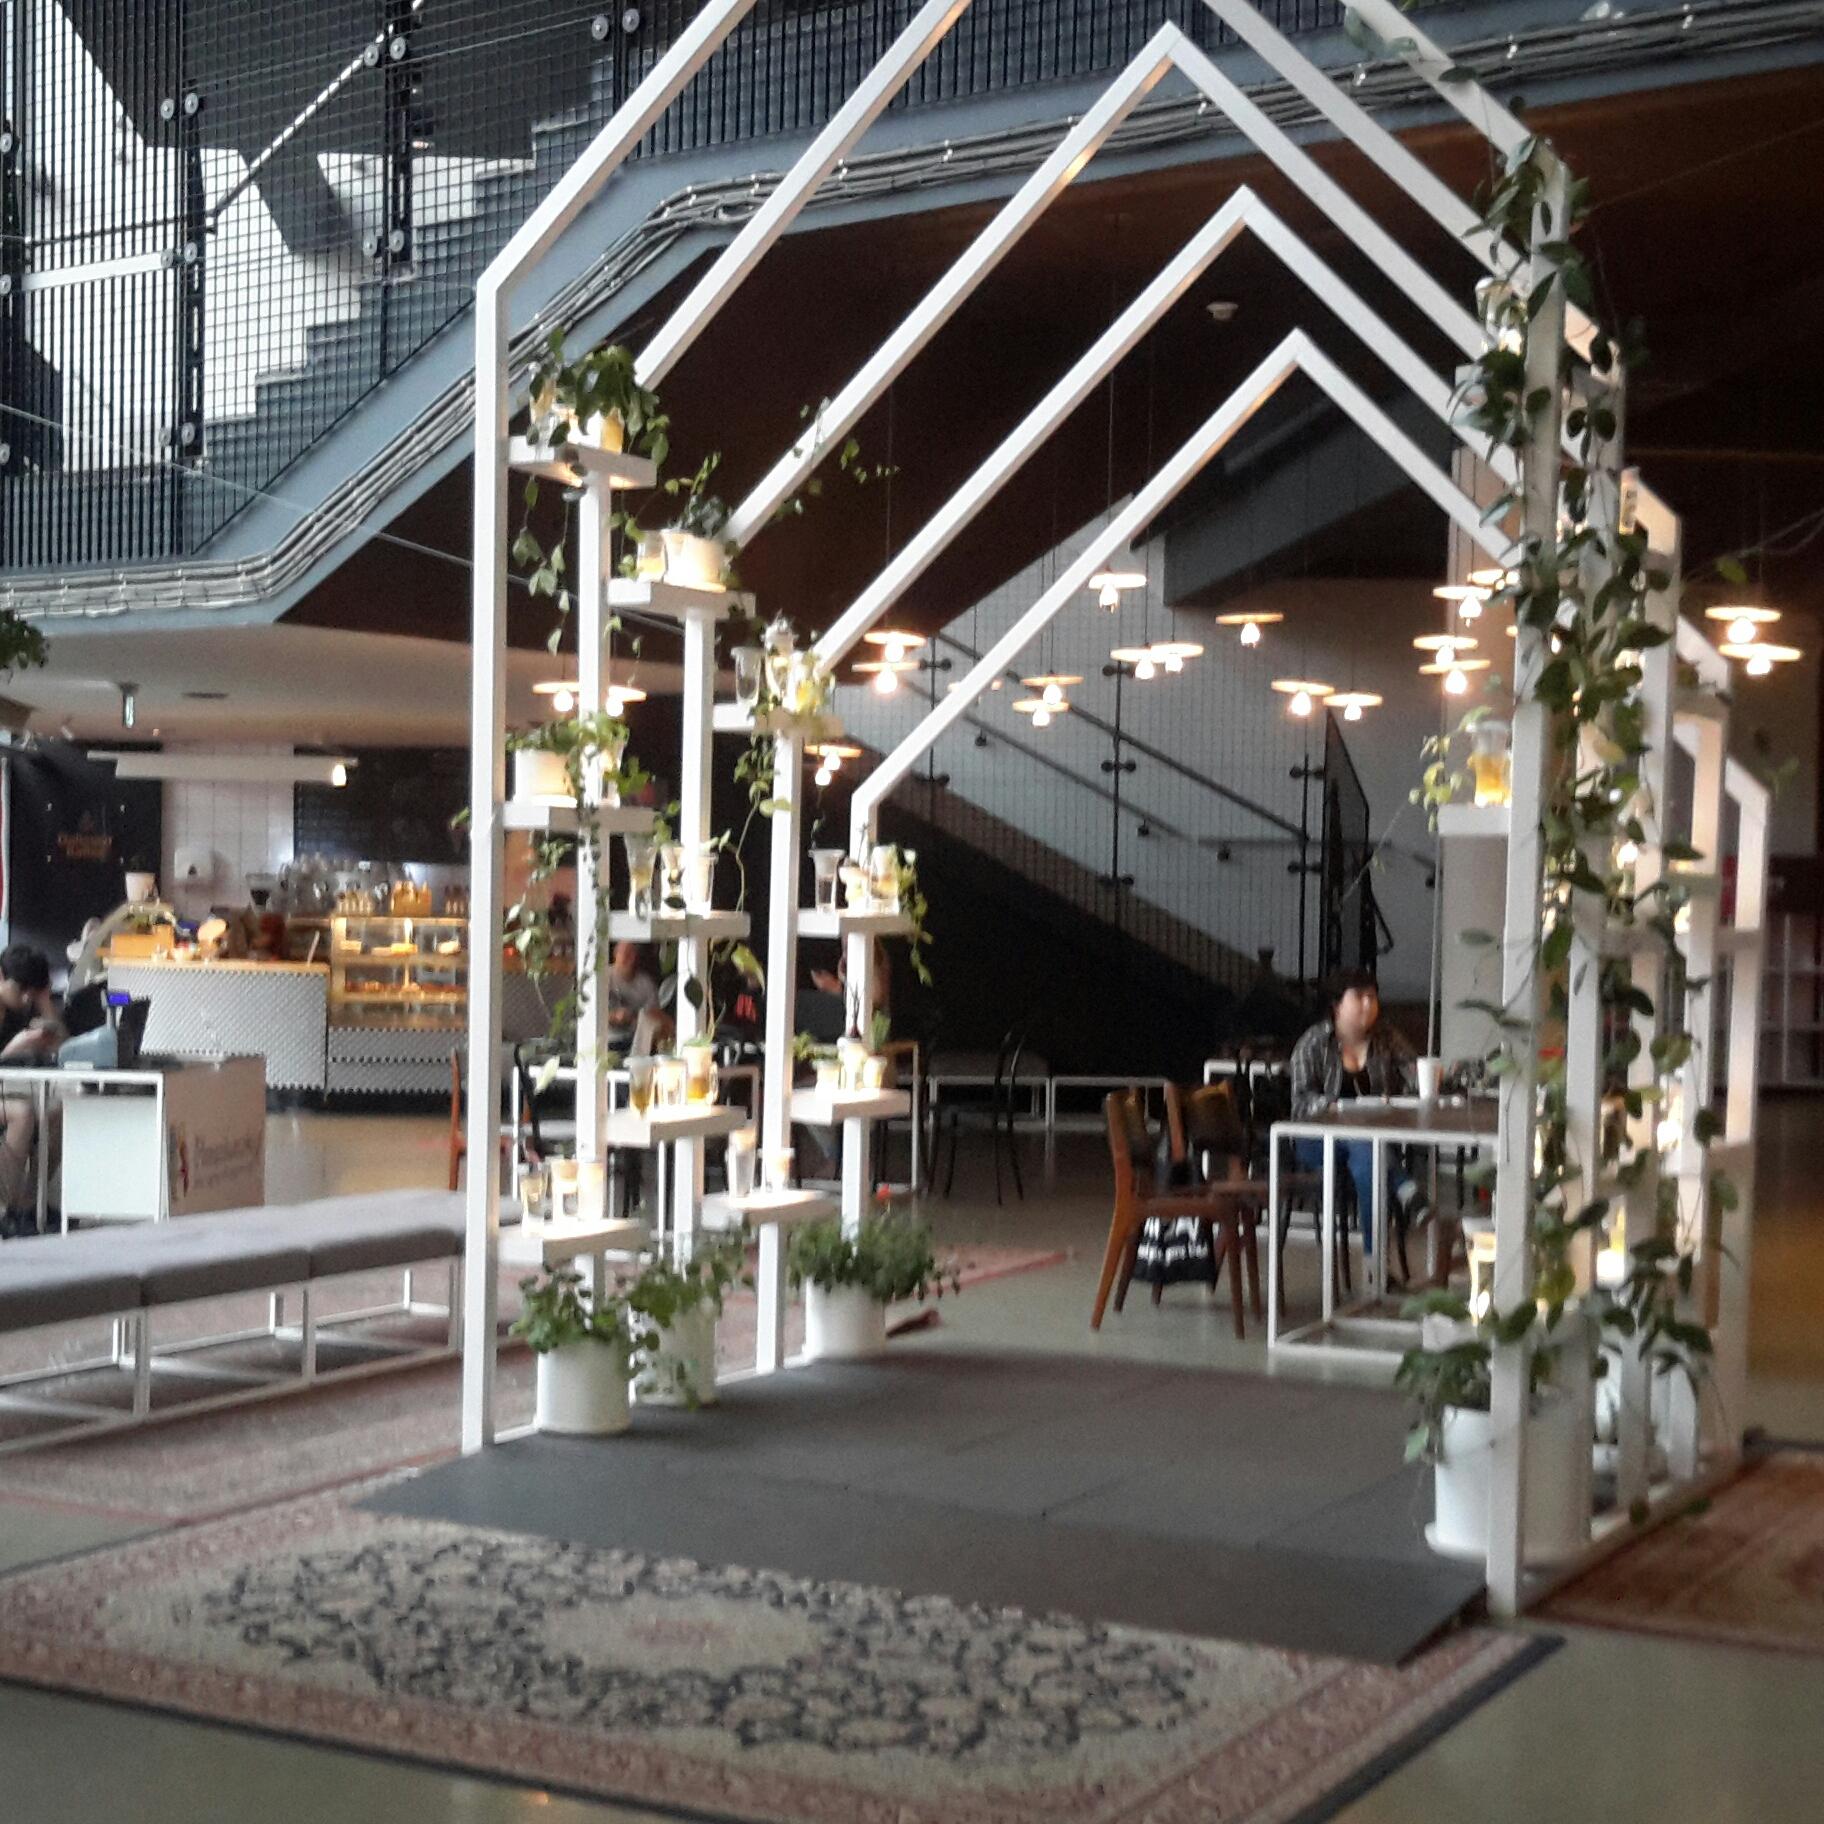 Café mit einem Holz Pavillon und vielen verspielten details.